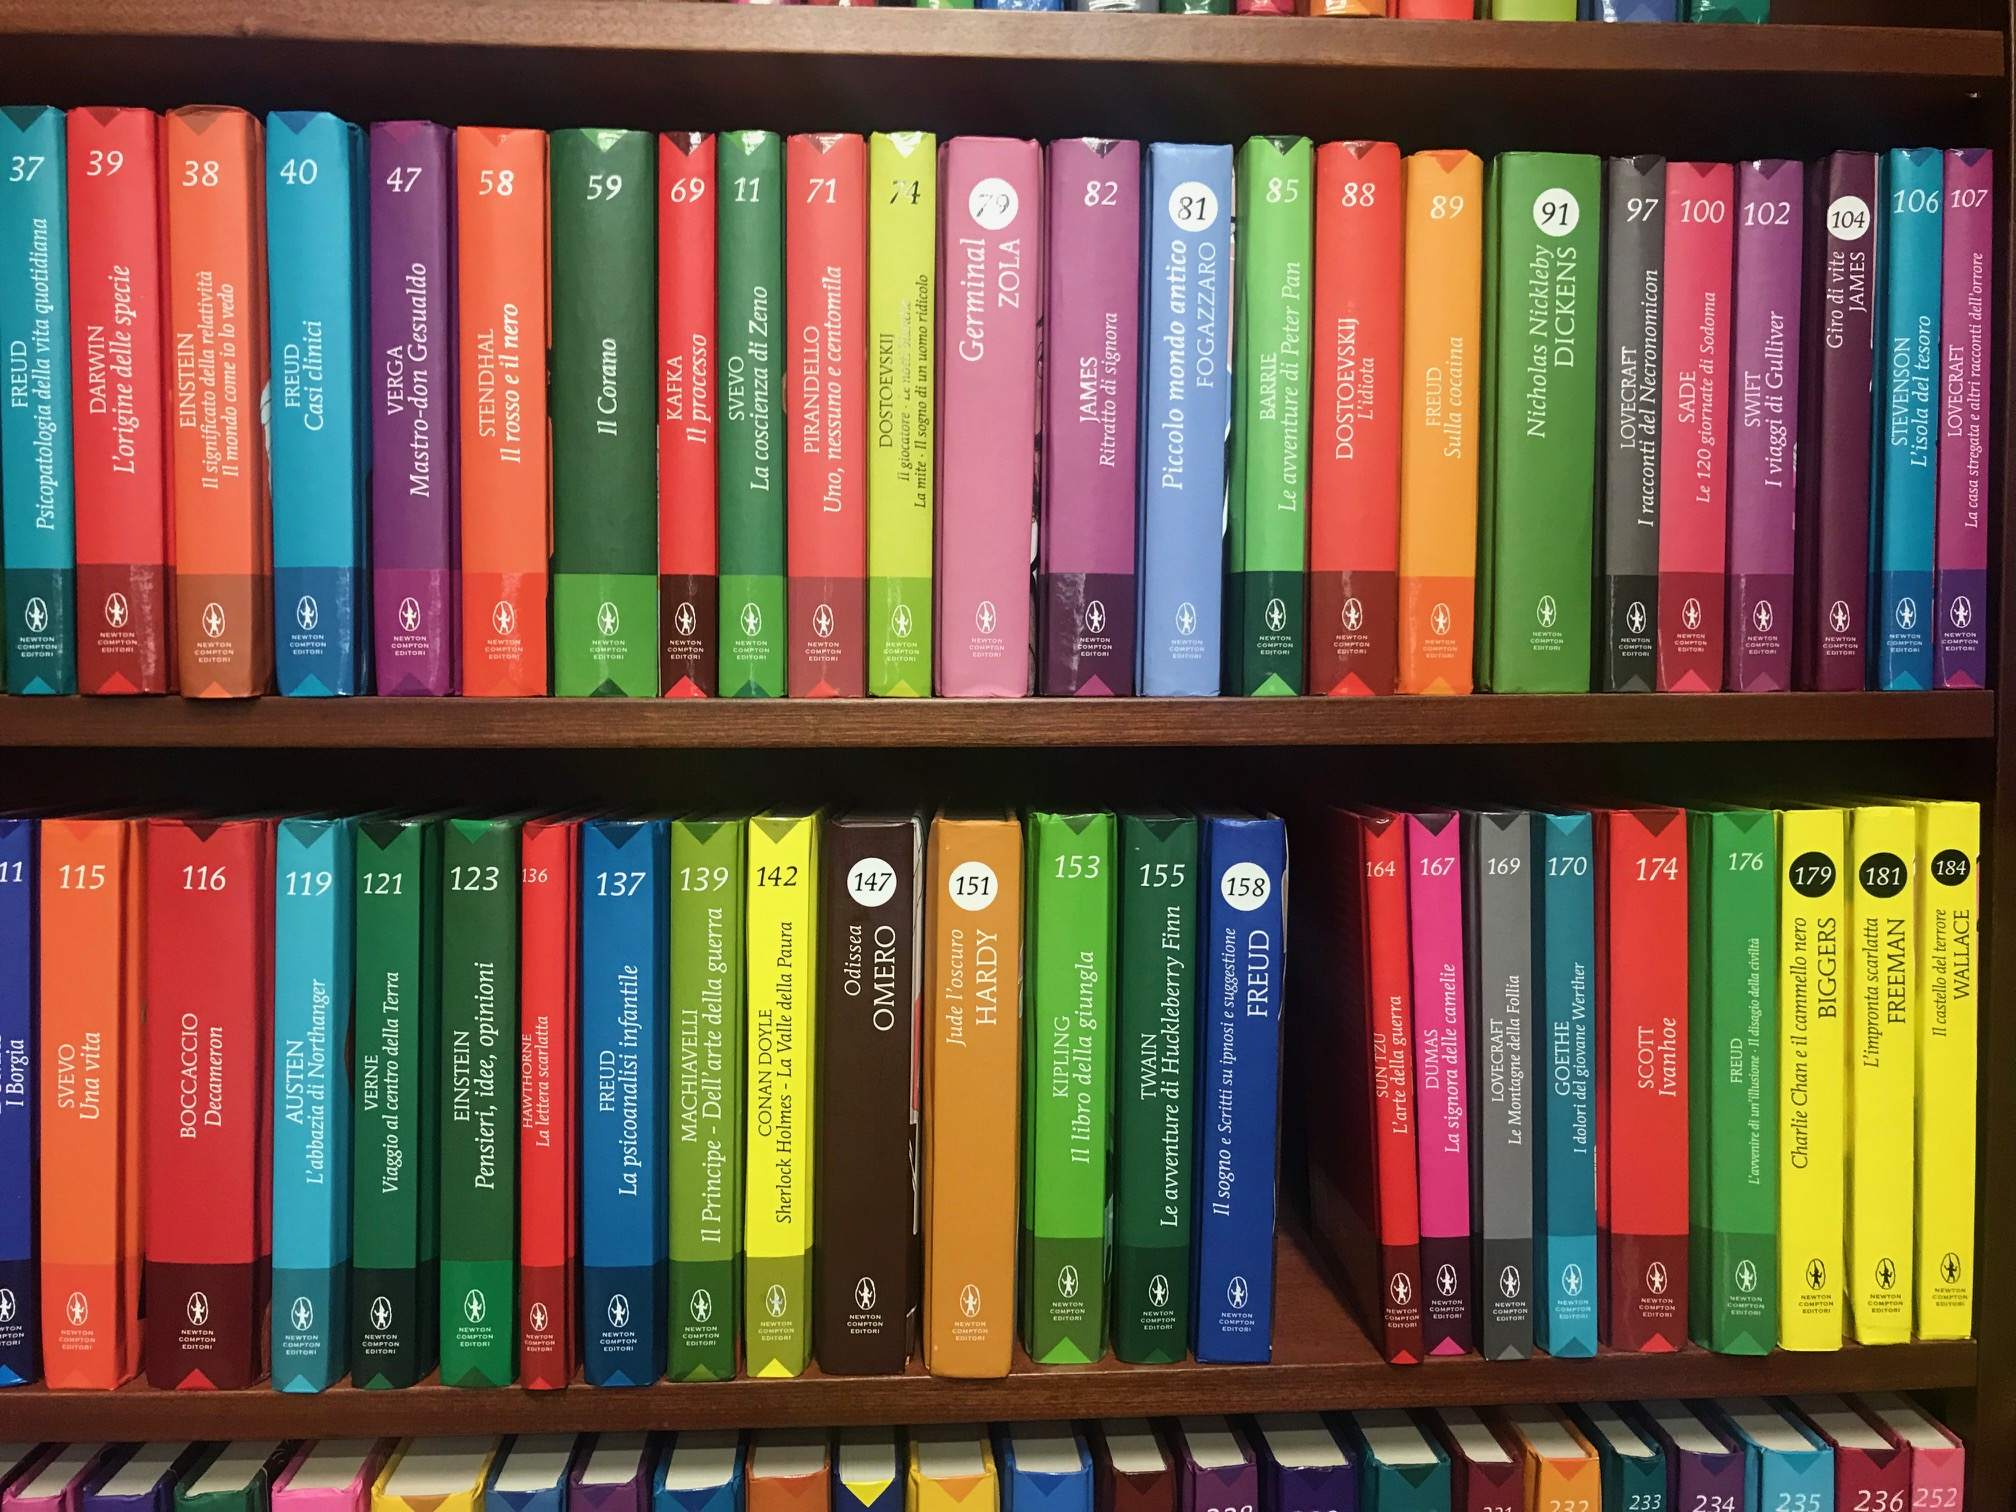 Libreria A Porta Di Roma coronavirus. chiuse al nord, aperte al sud: è l'italia delle